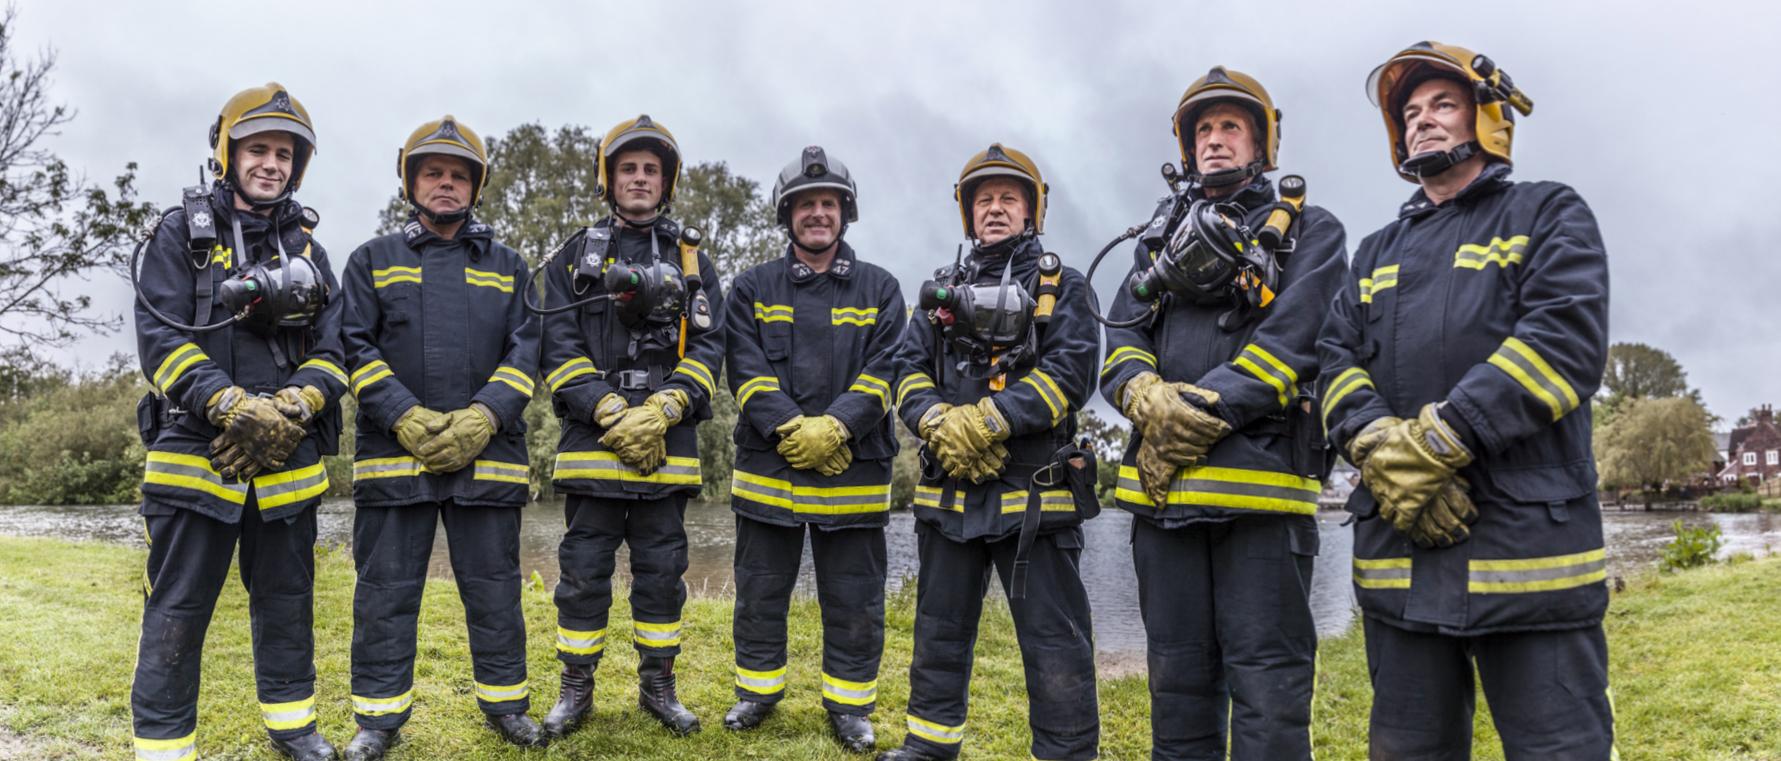 Fireman Pano.jpg